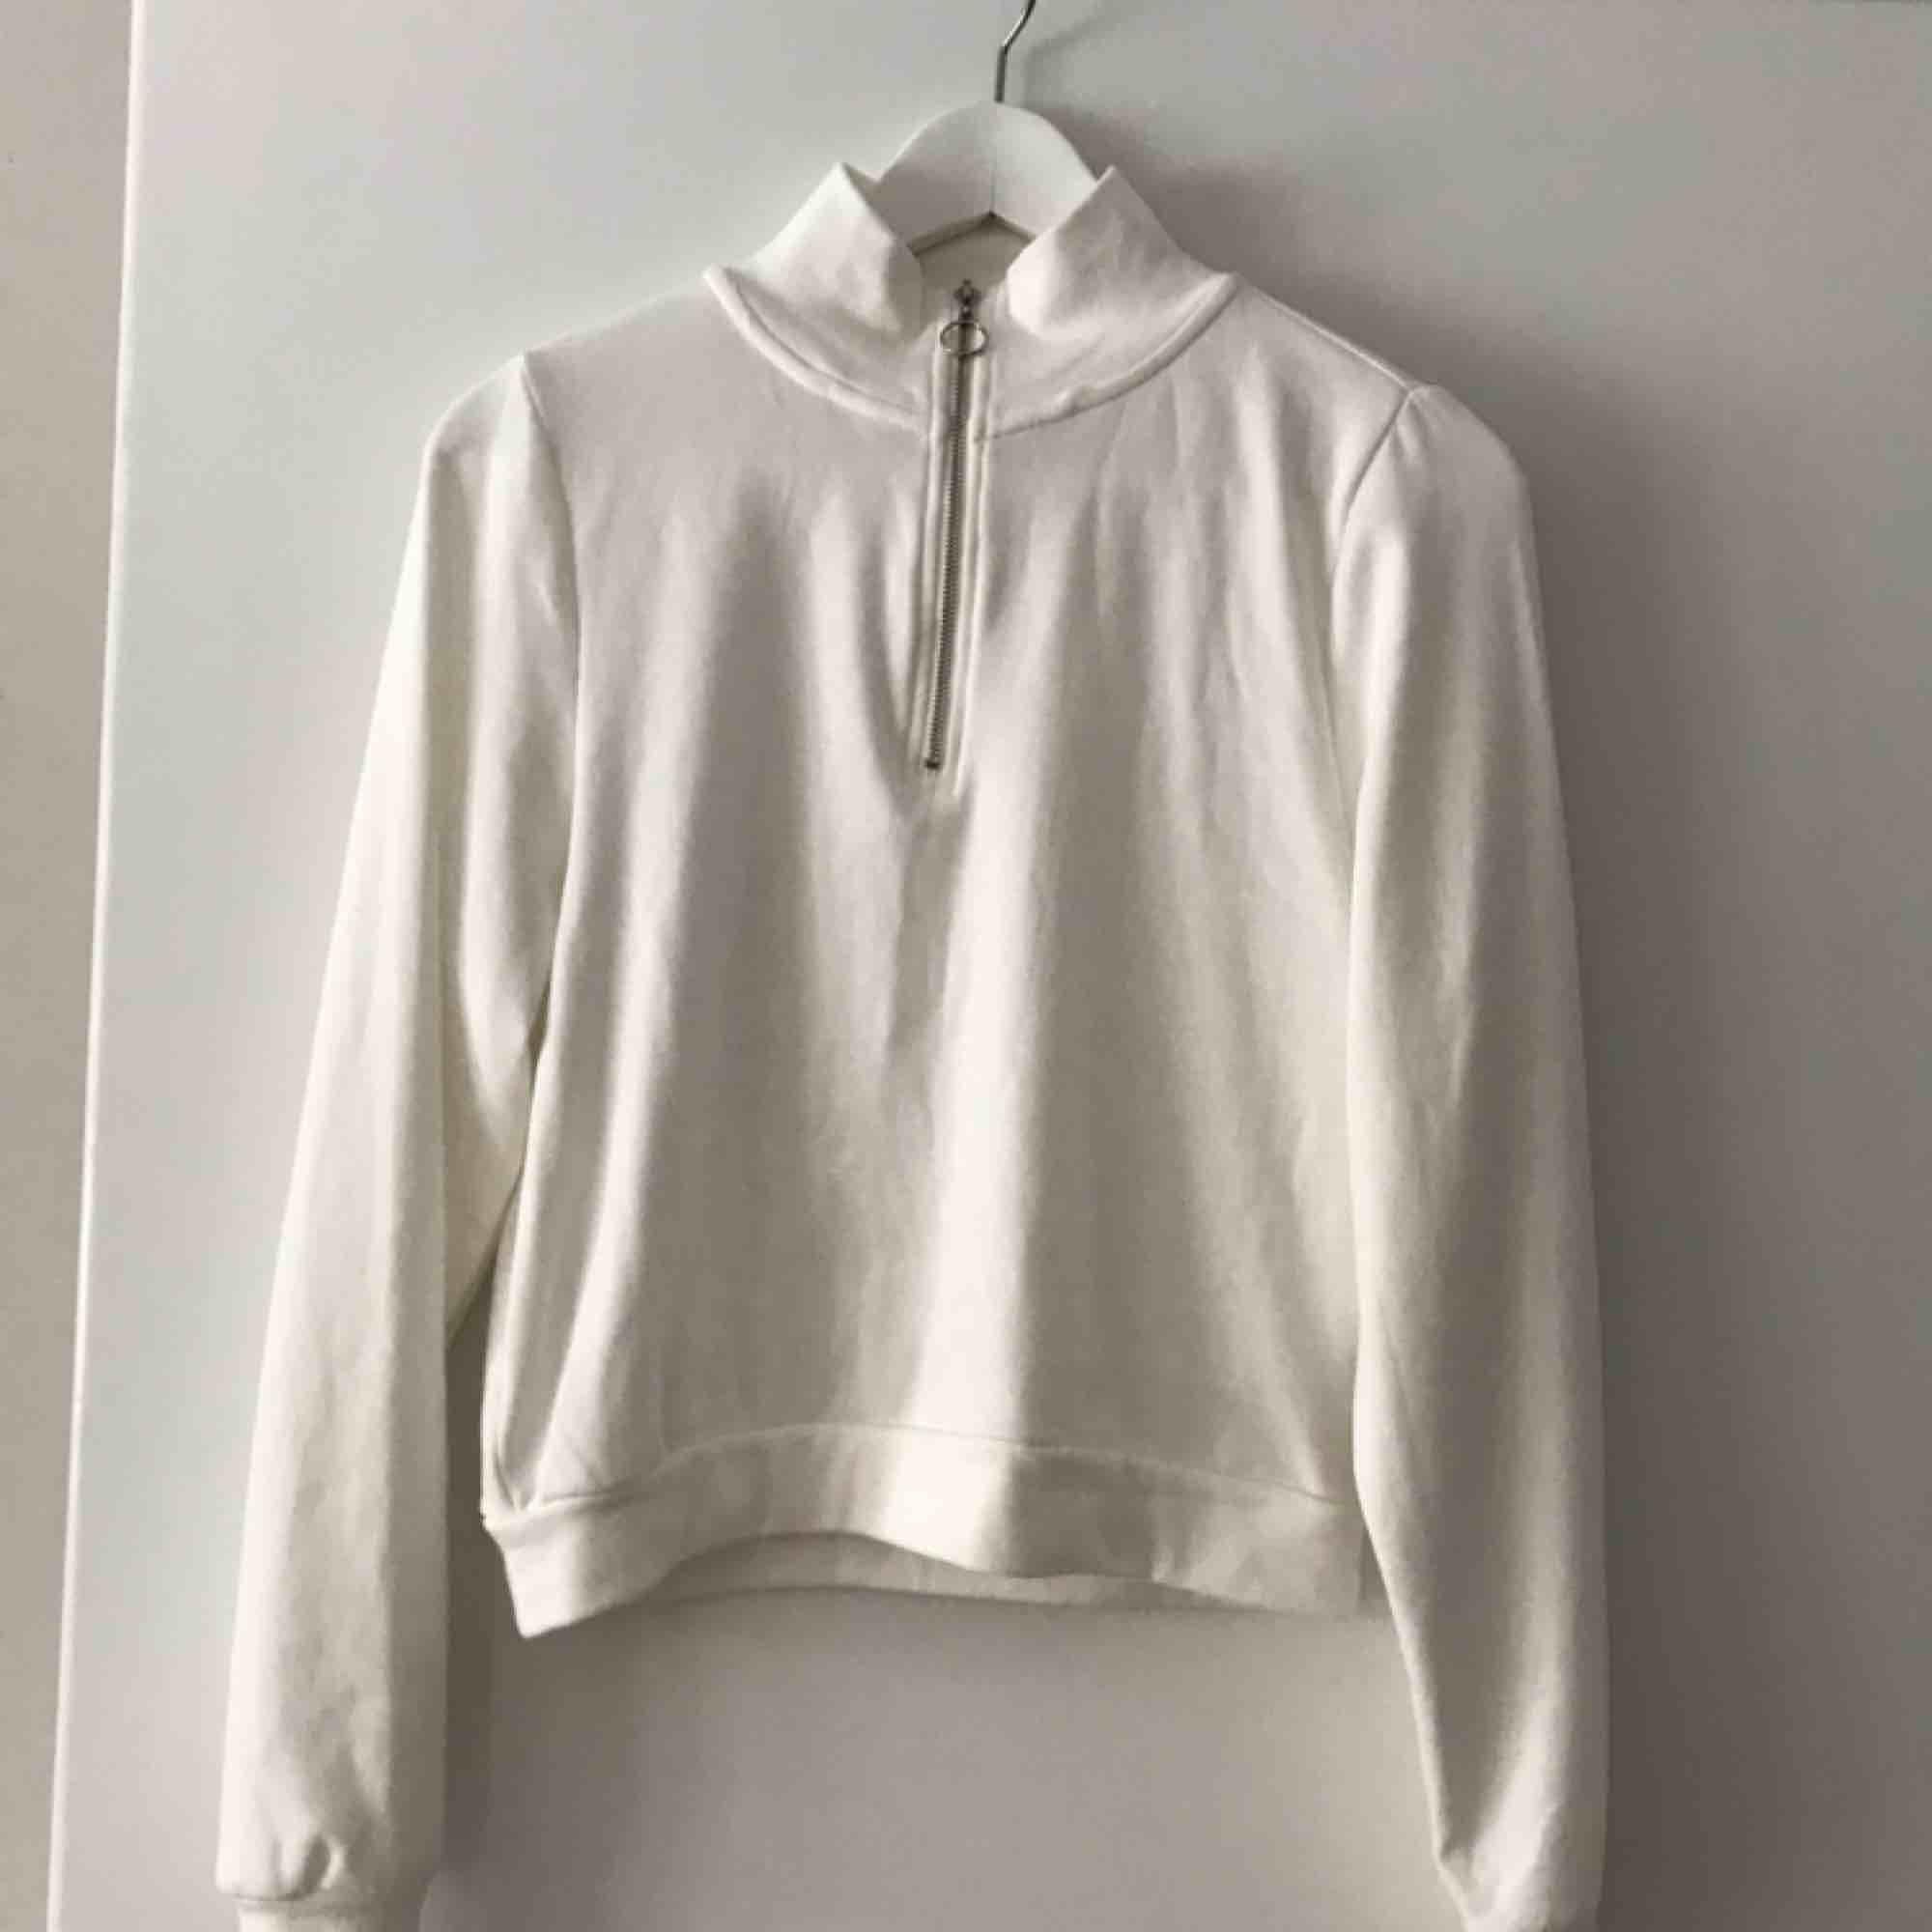 Quarter-zip tröja från bikbok. Jättemjukt och skönt material. Tröjan är i nyskick då den endast provats en gång. Frakt betalas av kund, pris kan diskuteras 💗. Huvtröjor & Träningströjor.